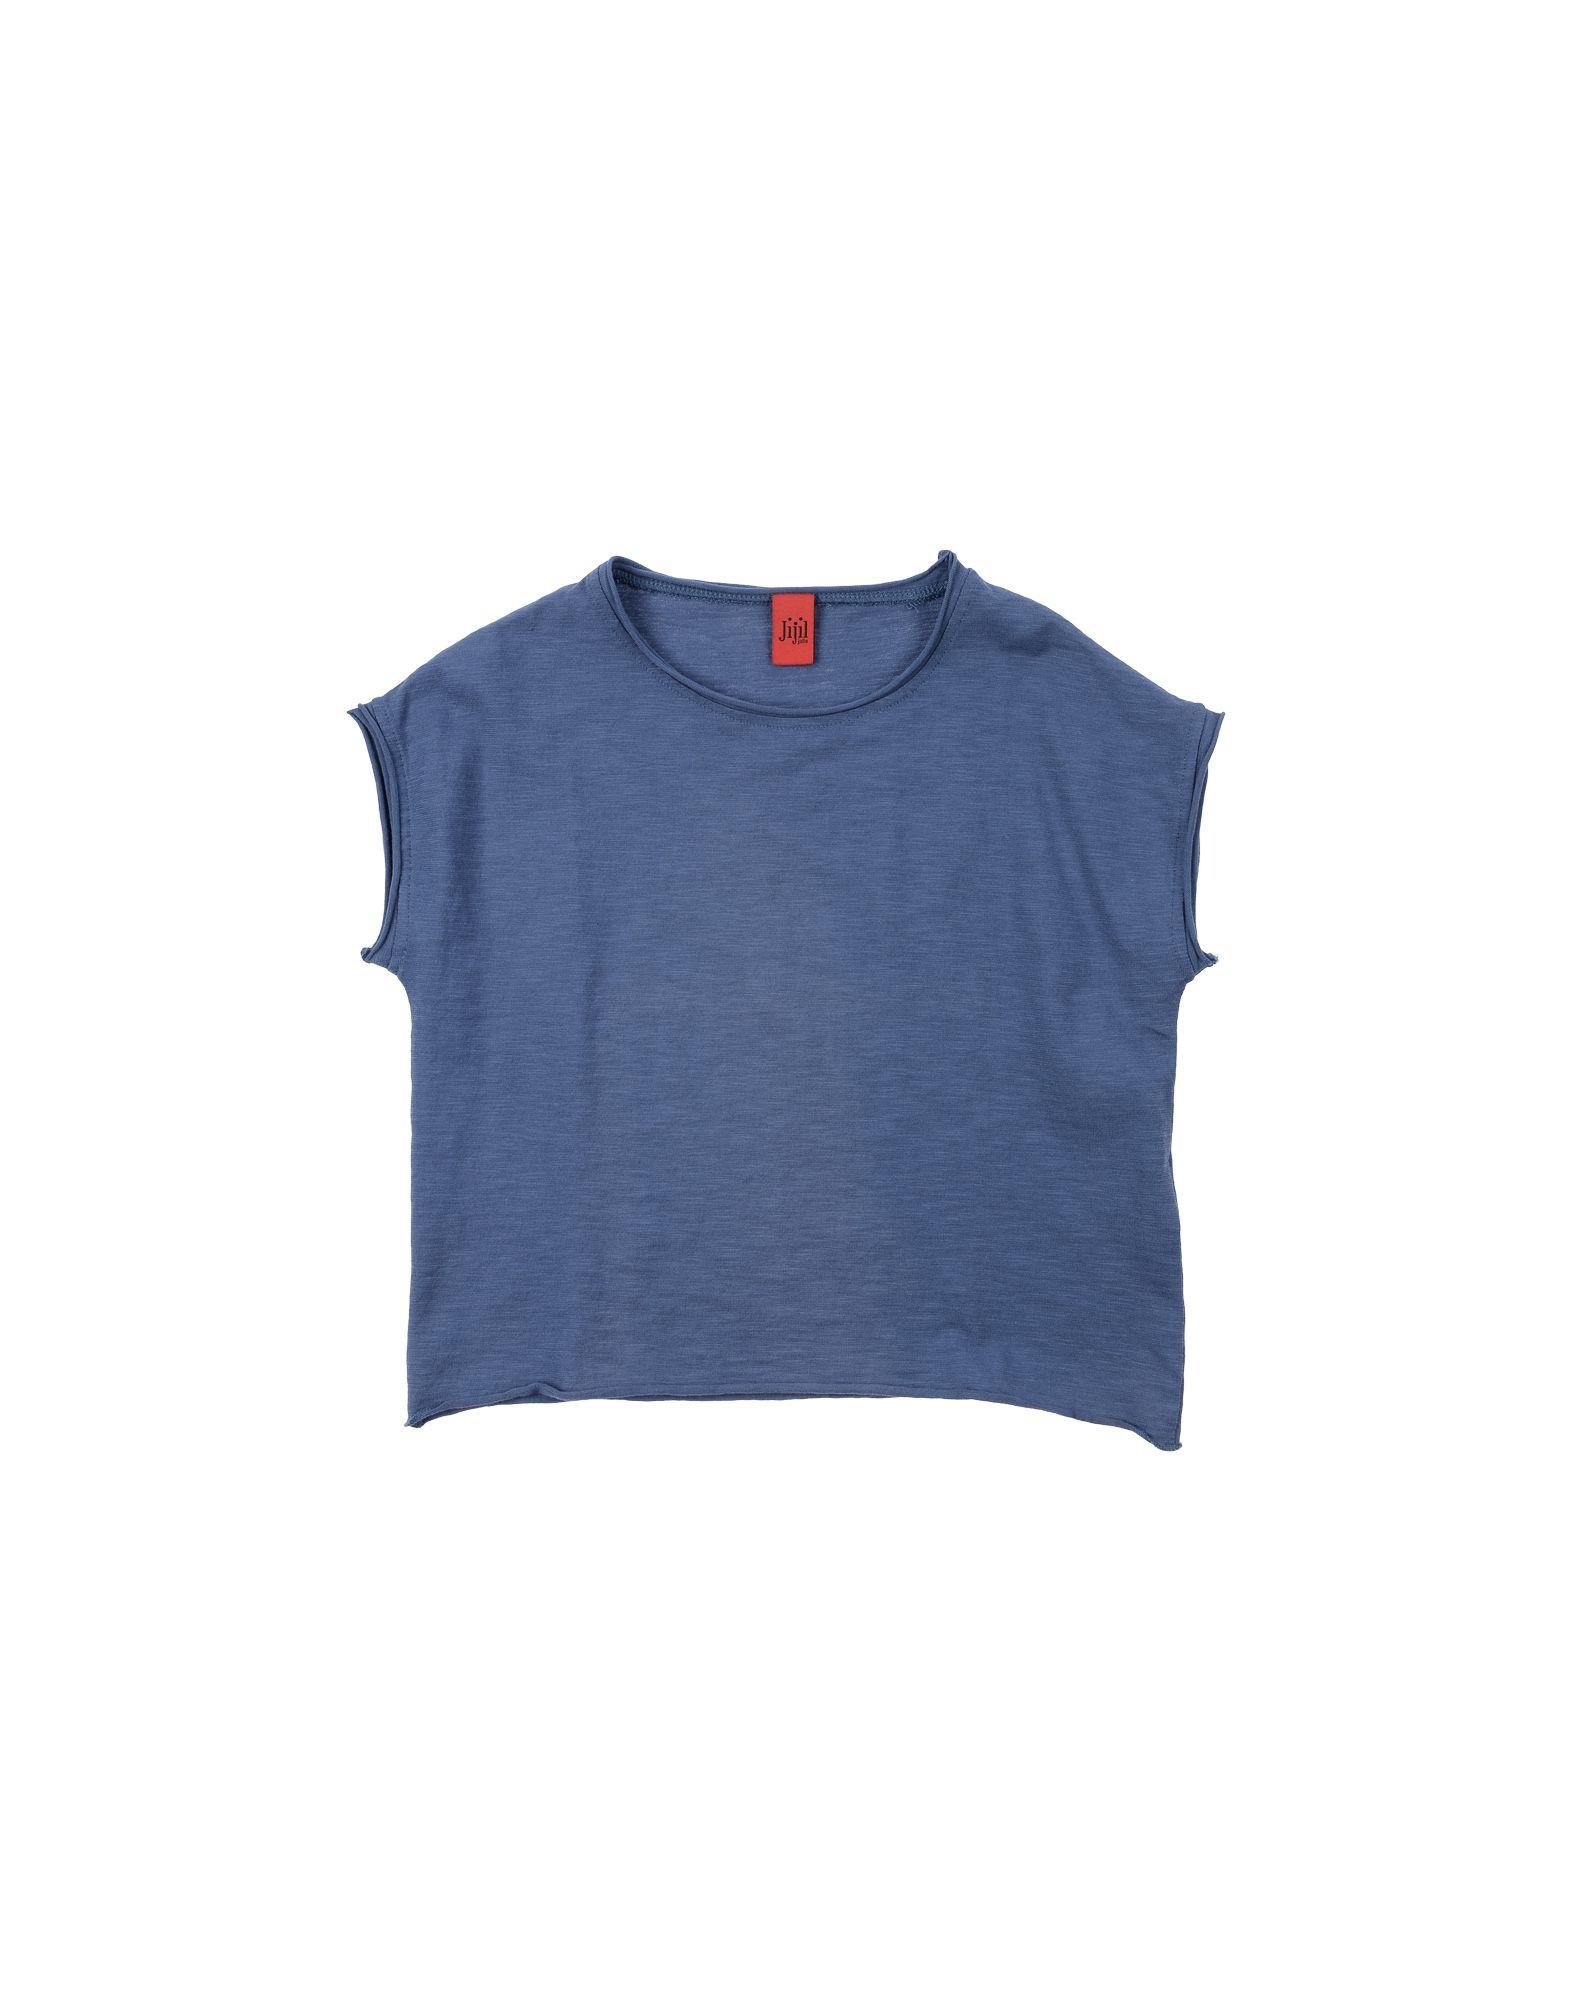 Jijil Jolie Kids' T-shirts In Blue